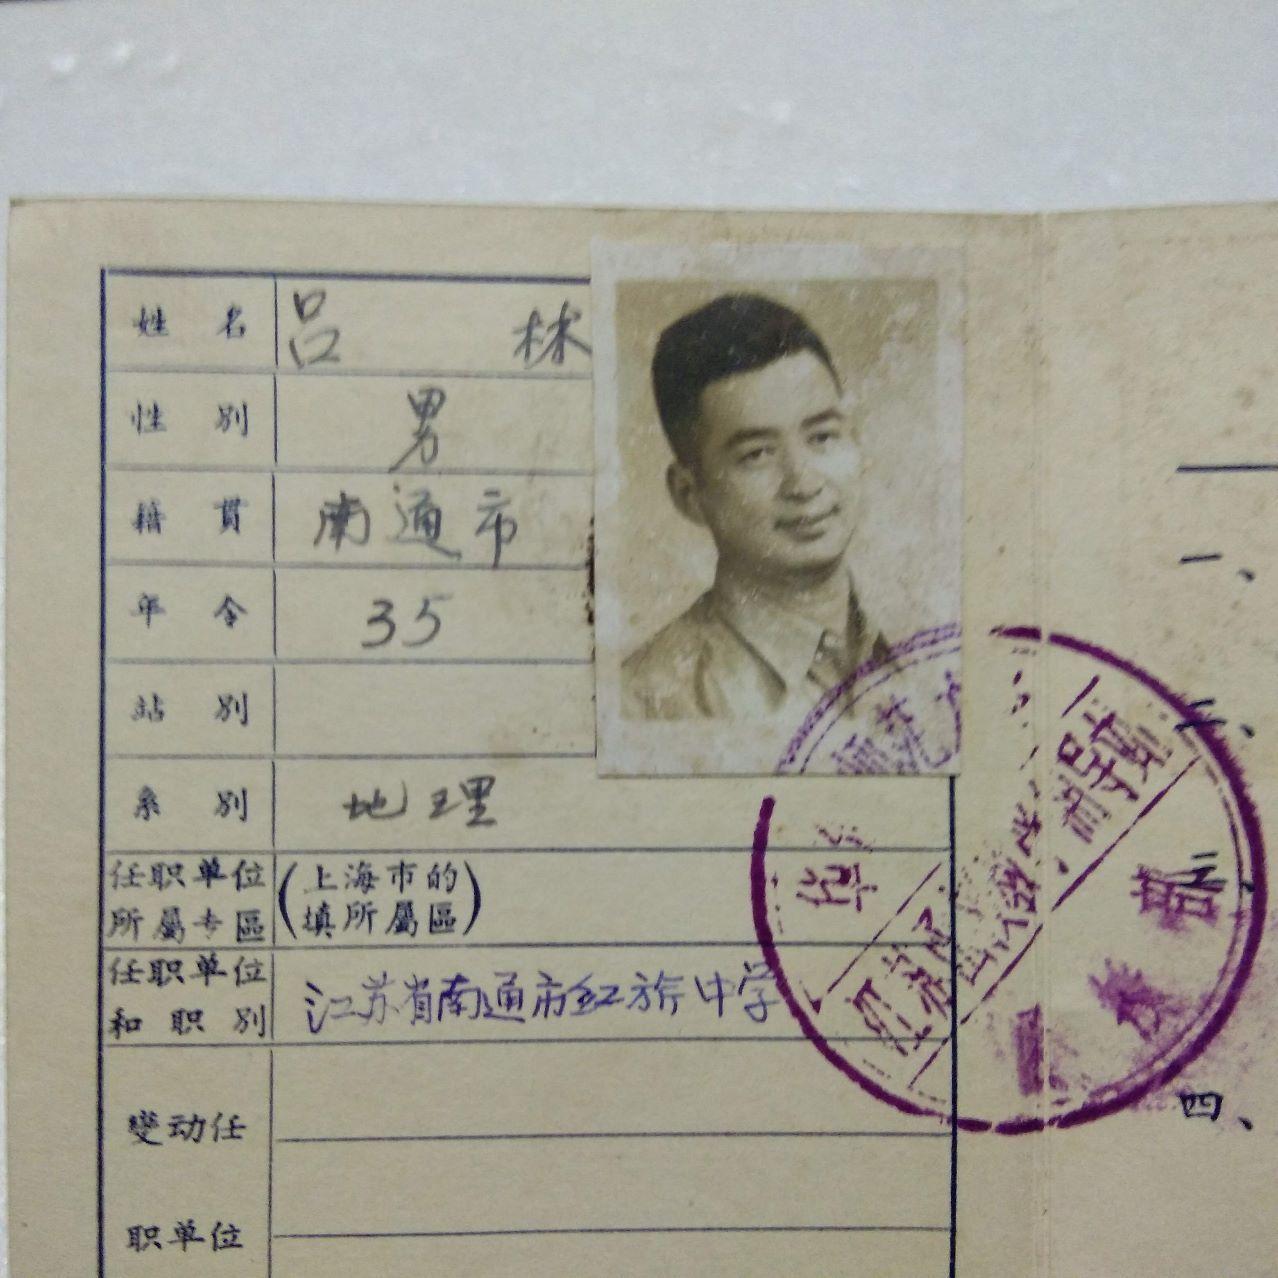 学习证:华东师范大学函授生证(五十年代)(原任职南通市红旗中学)(有